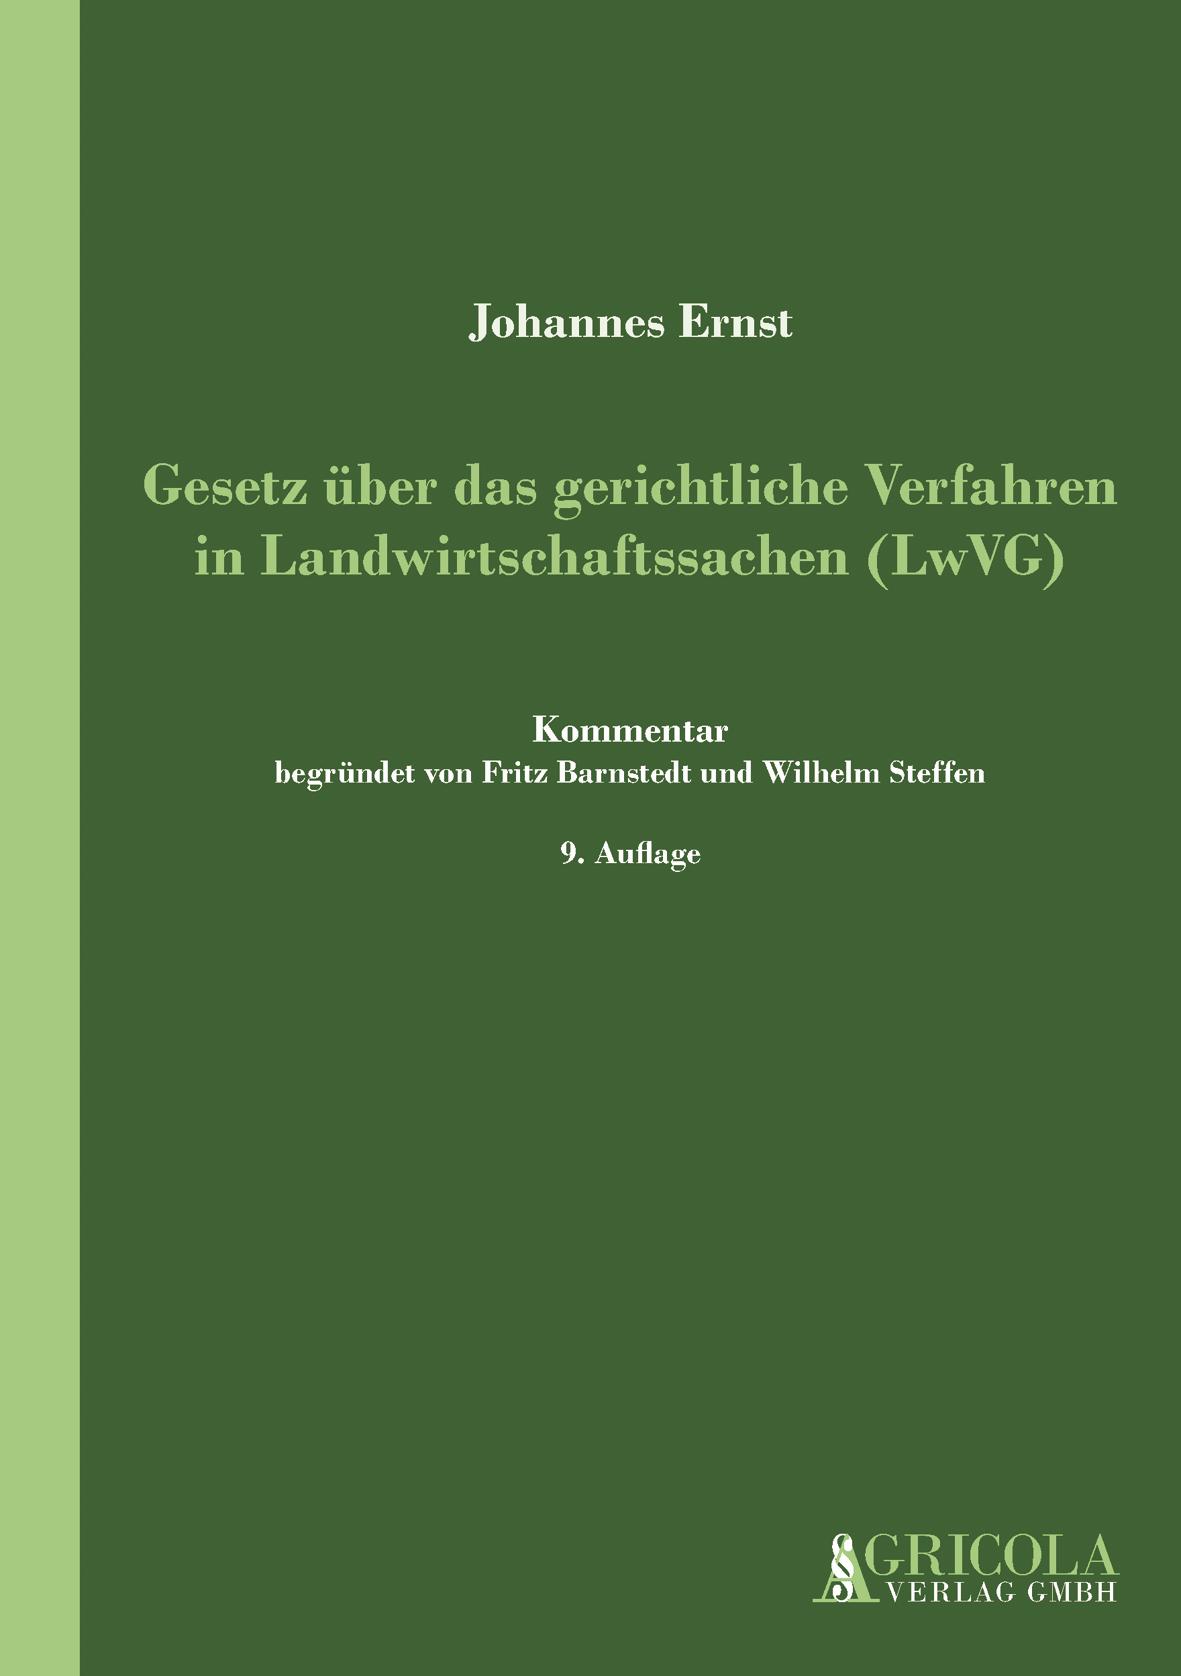 Gesetz über das gerichtliche Verfahren in Landwirtschaftssachen (LwVG)